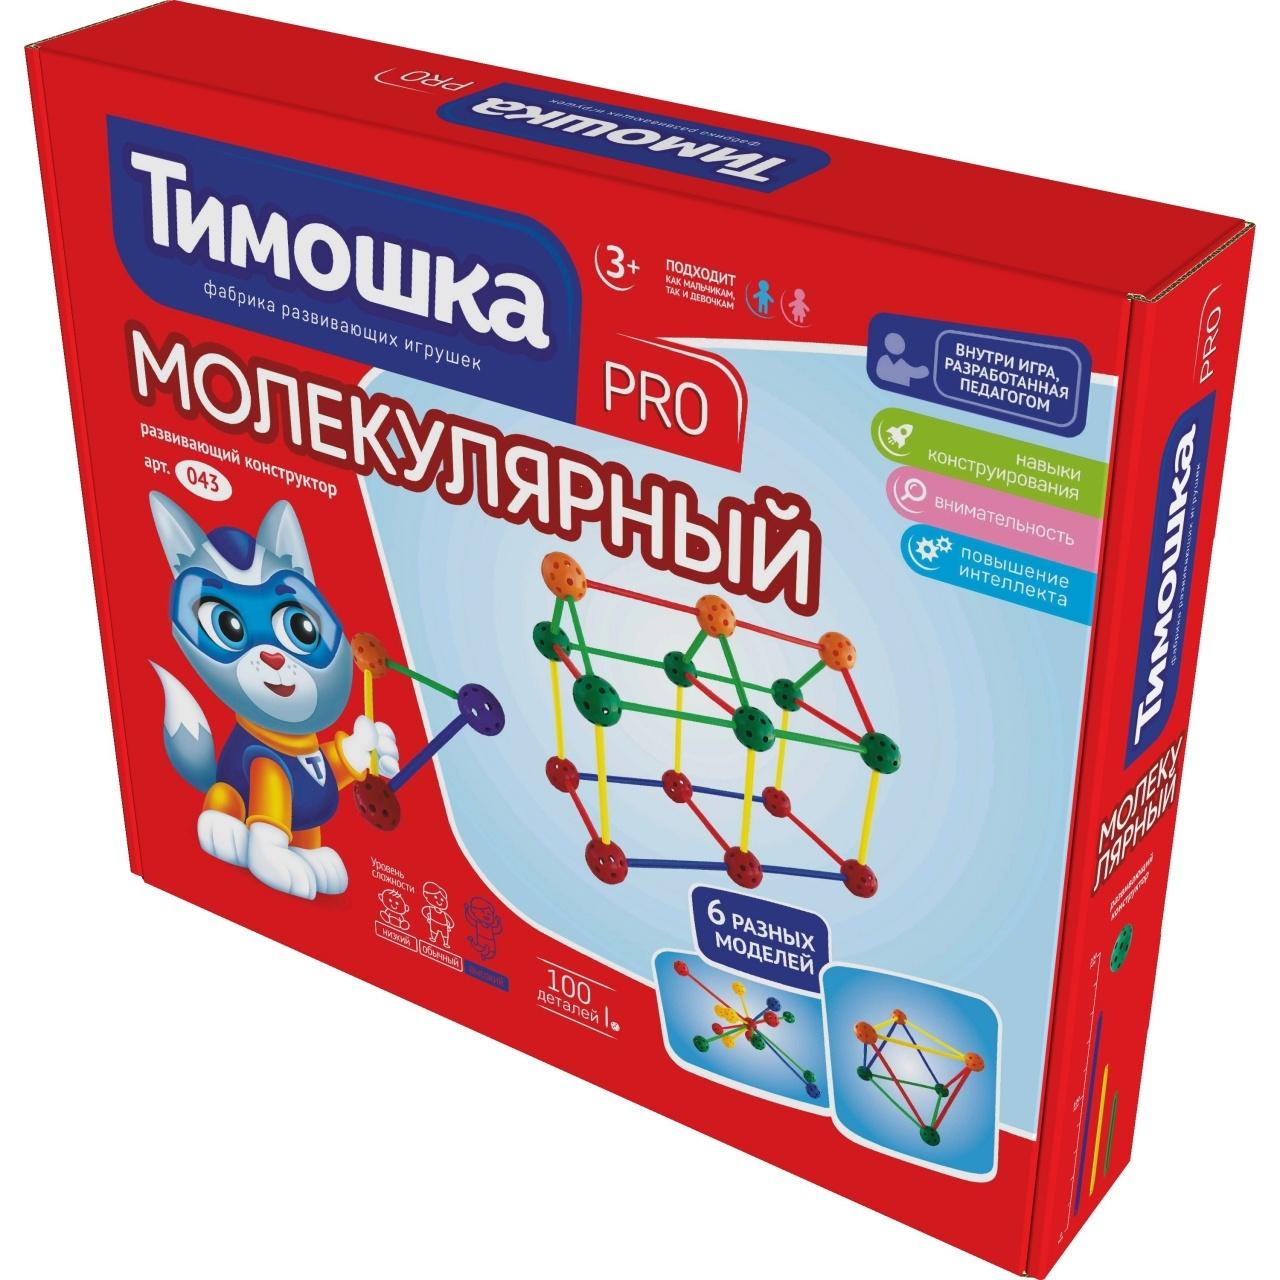 Конструктор ТИМОШКА Молекулярный 100 деталей